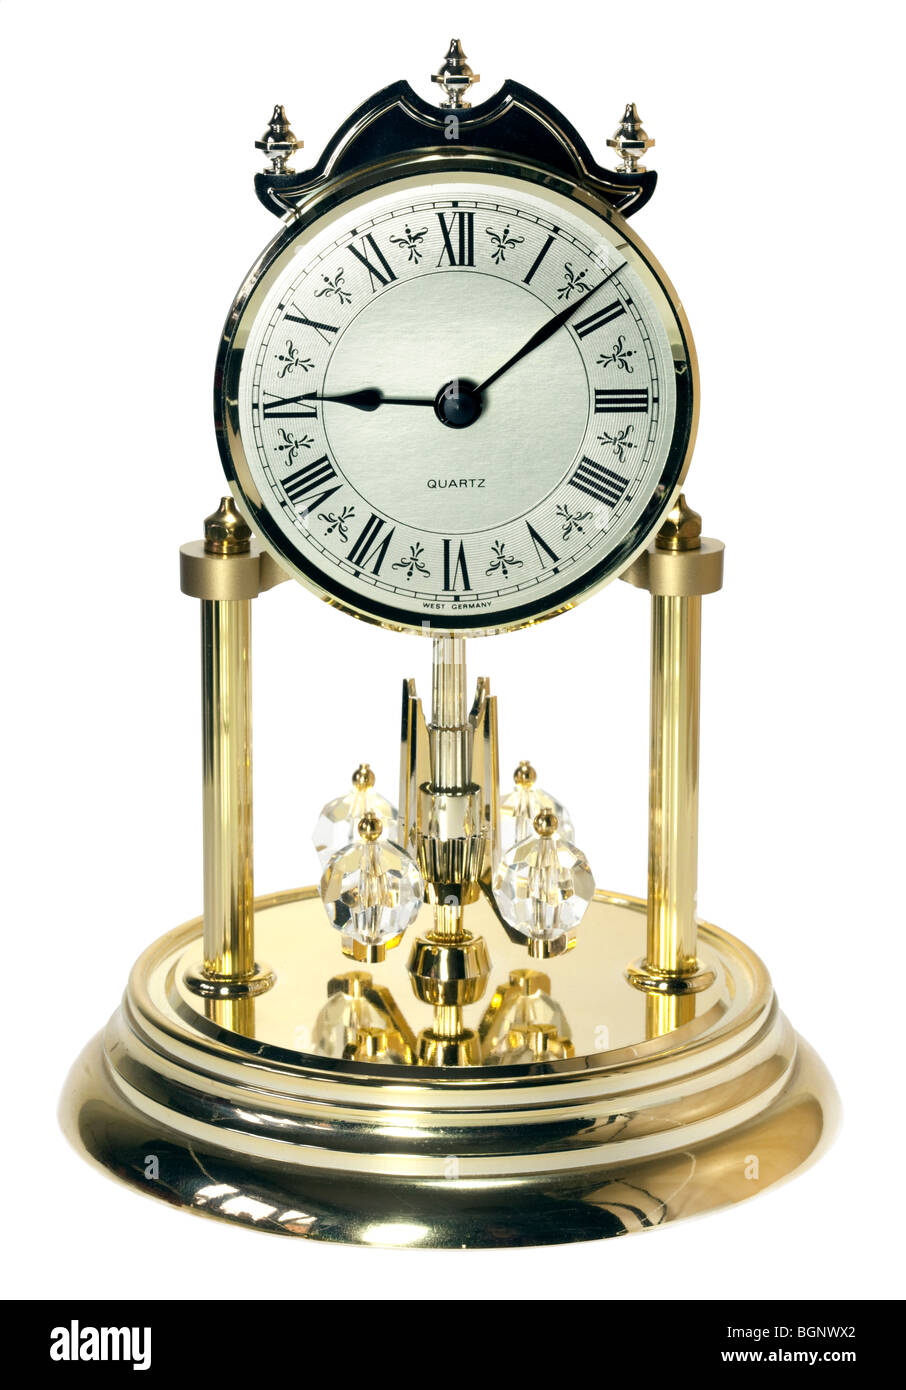 Horloge à pendule rotative ornée Photo Stock